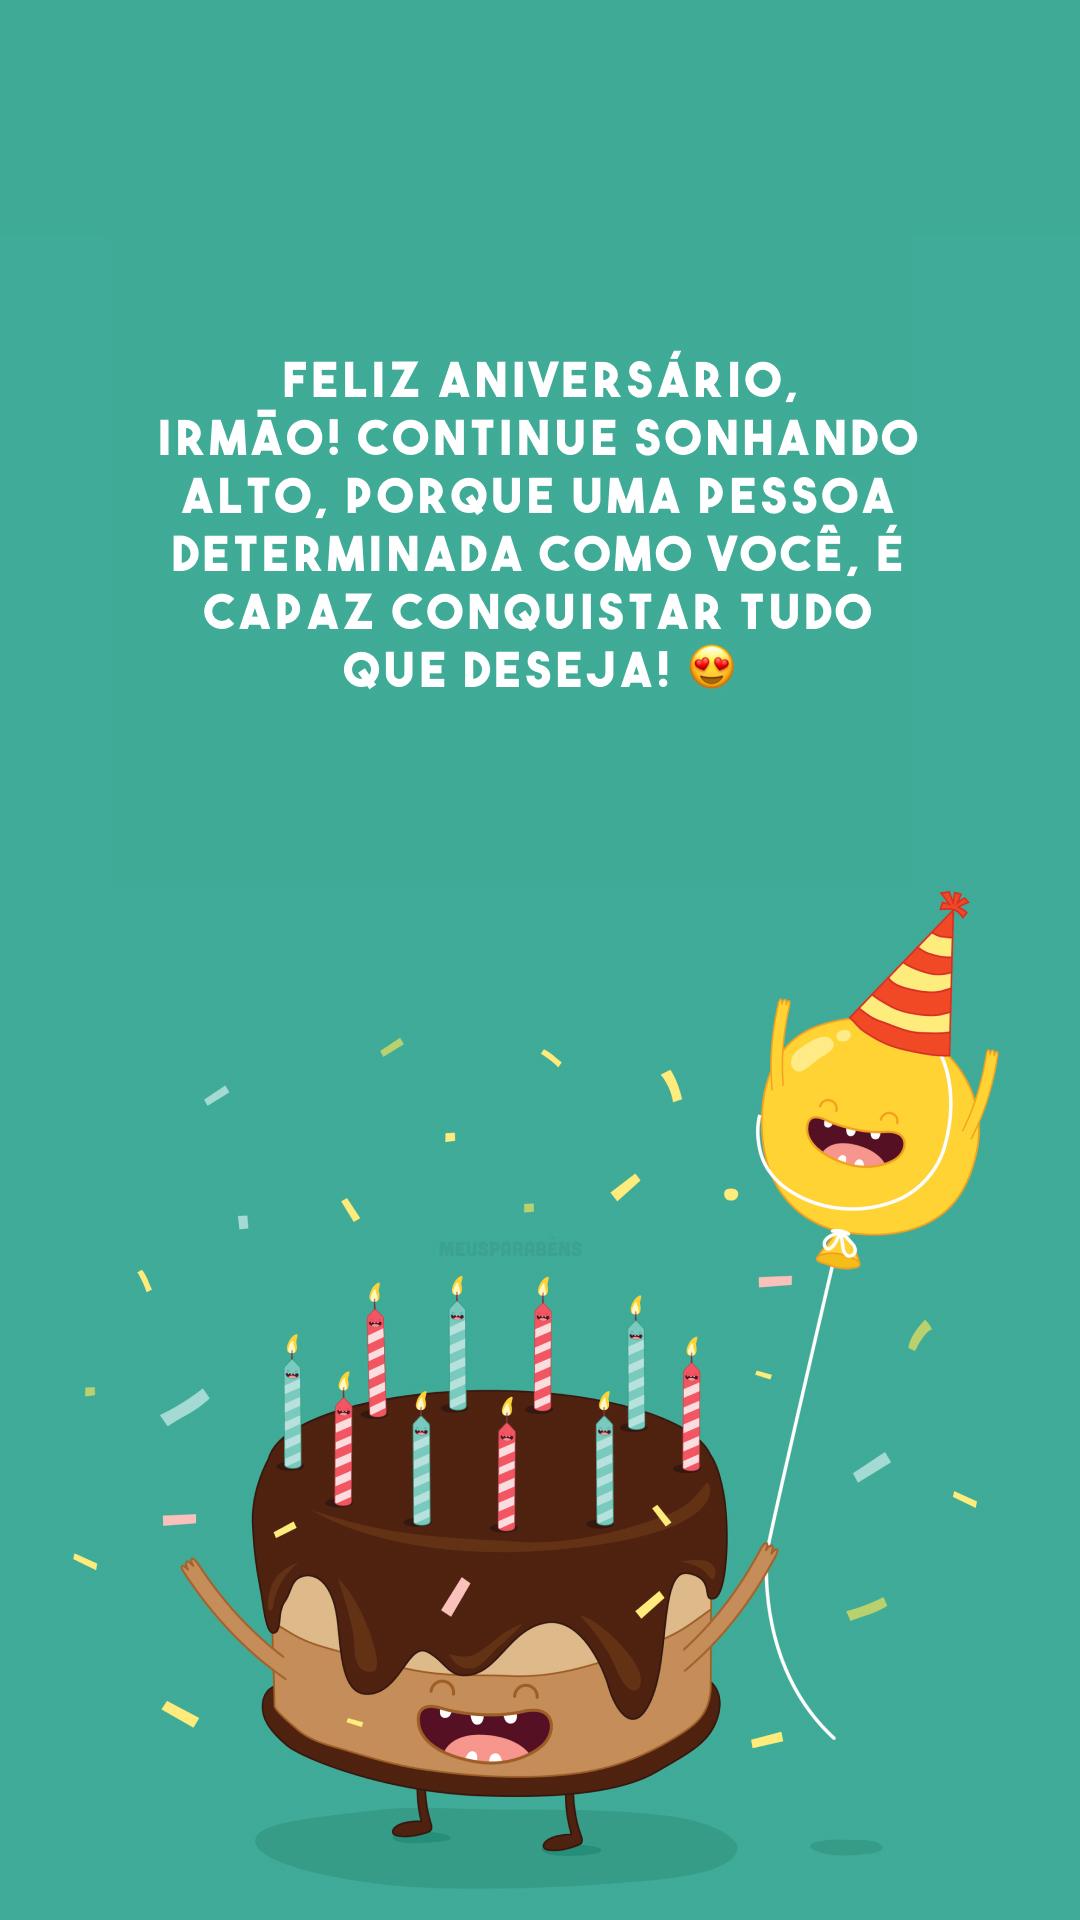 Feliz aniversário, irmão! Continue sonhando alto, porque uma pessoa determinada como você, é capaz conquistar tudo que deseja! 😍